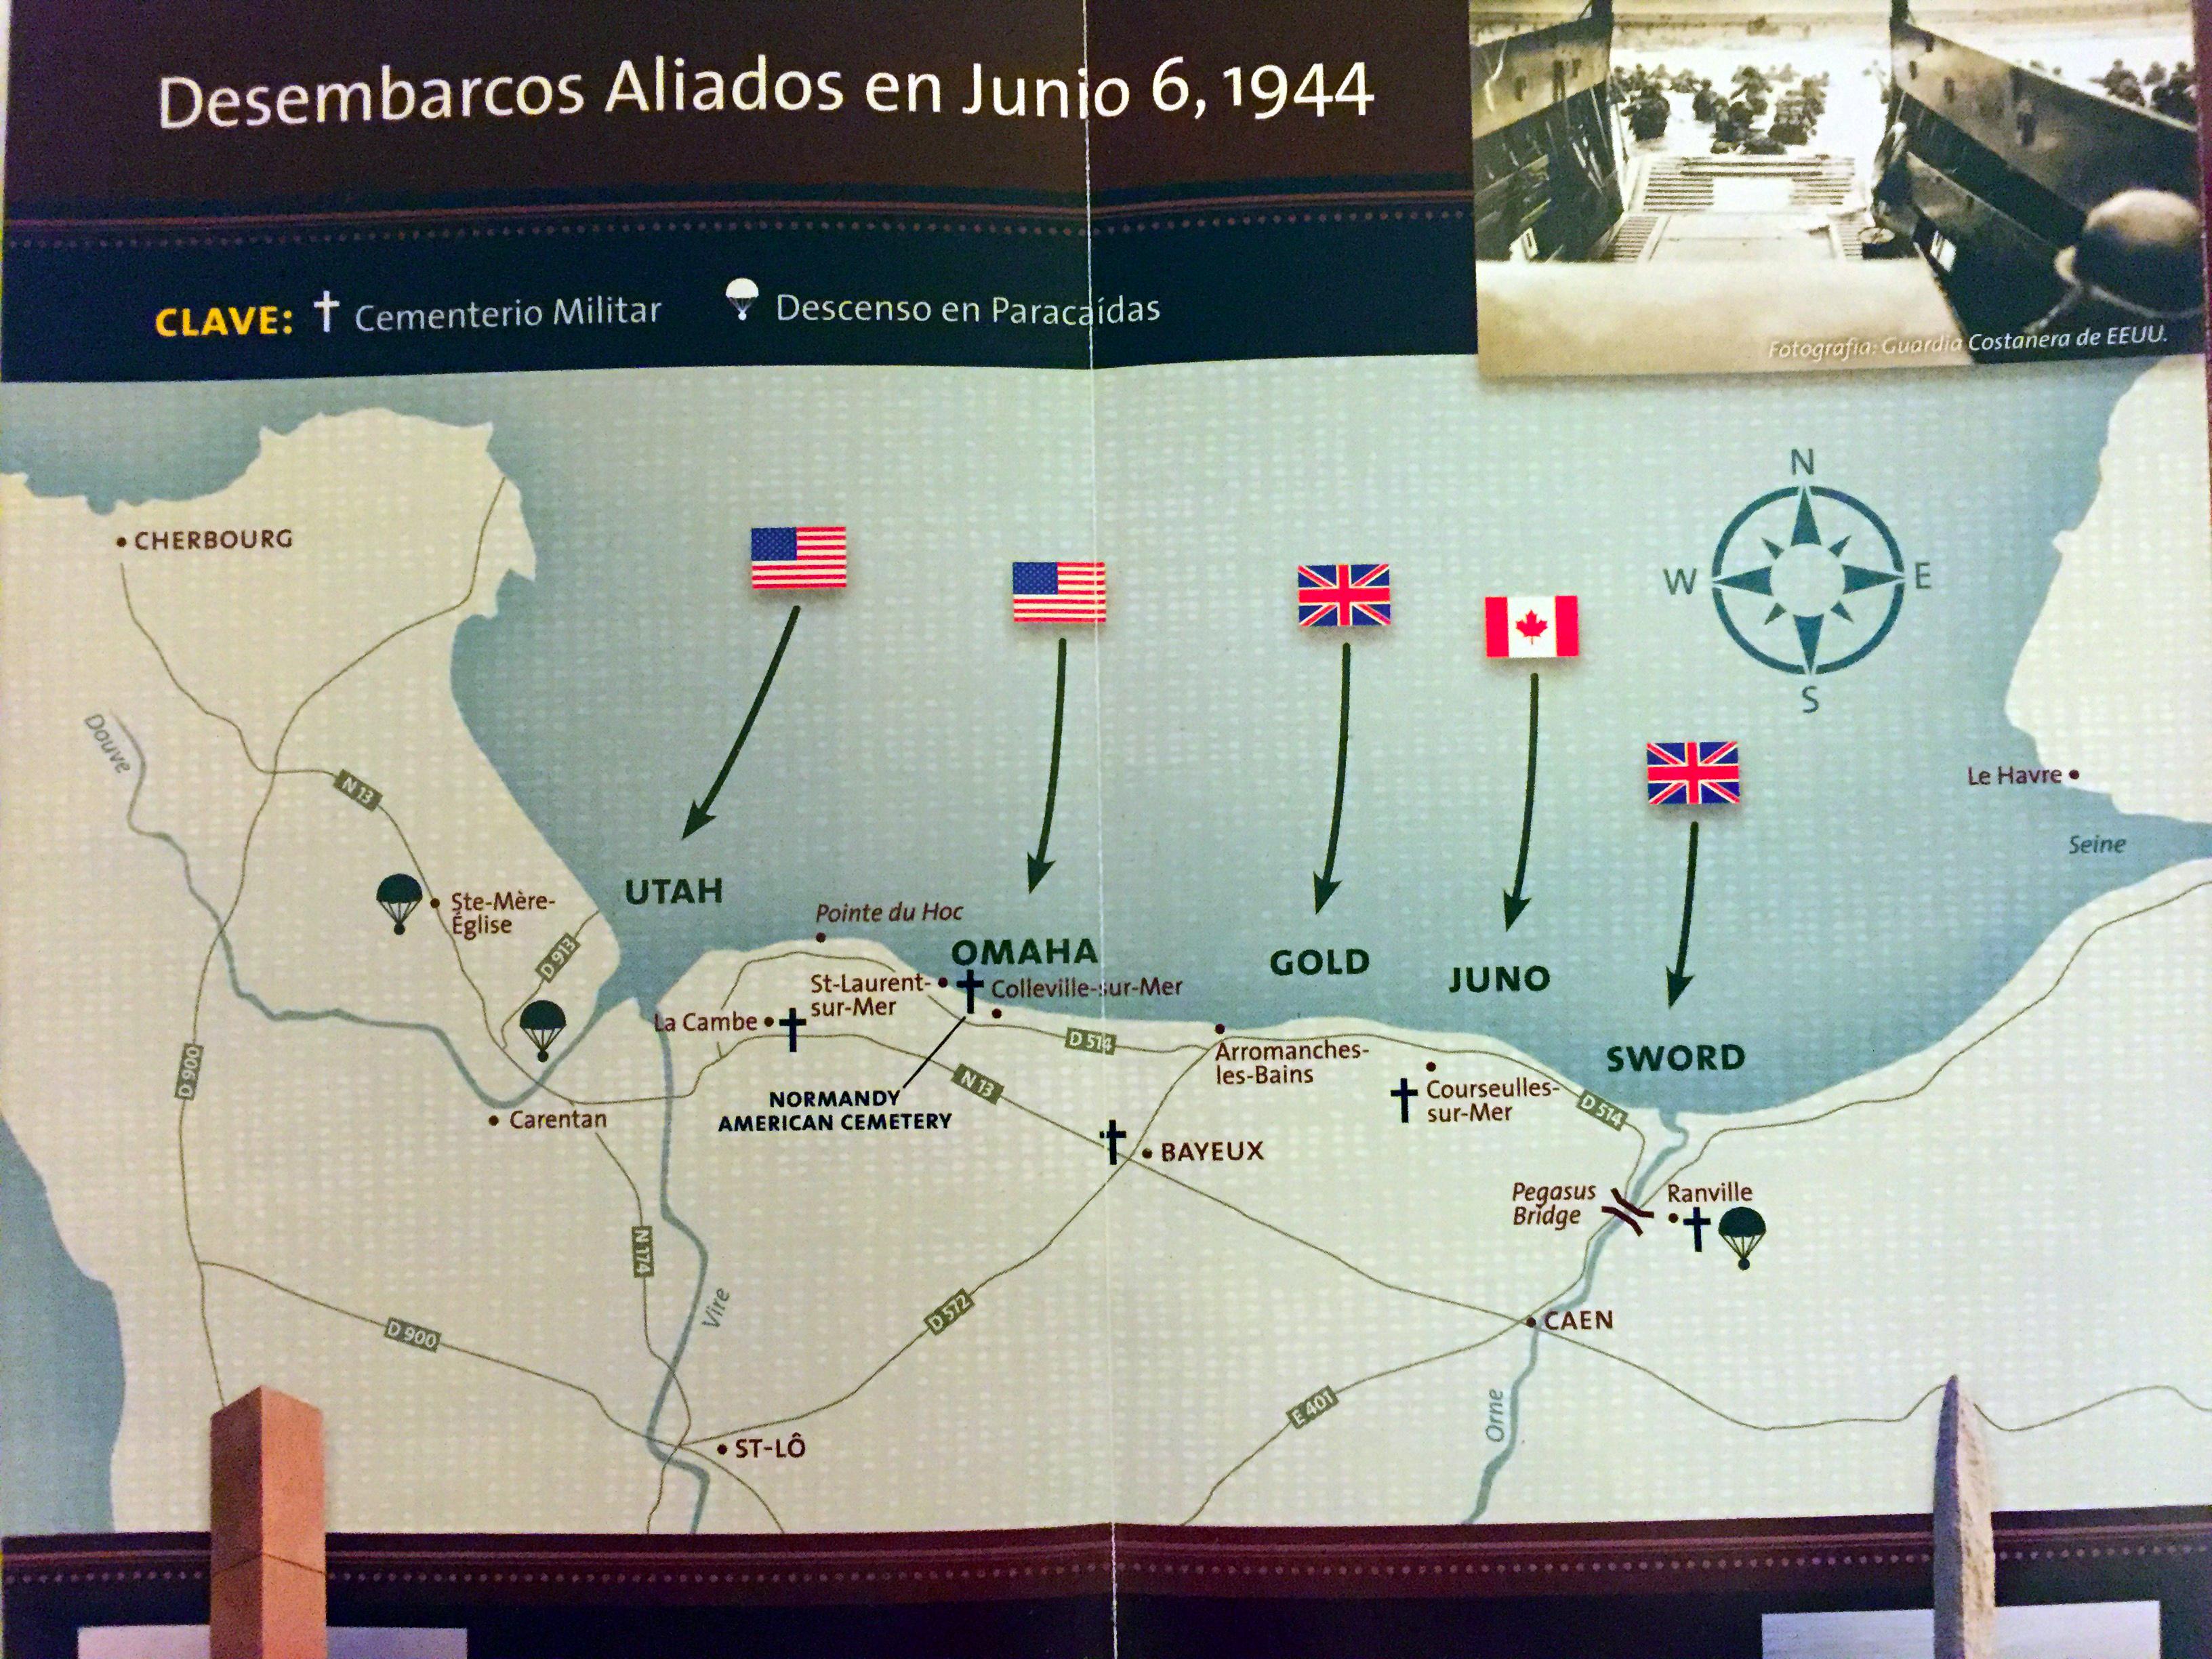 Playas del Desembarco de Normandía, Francia desembarco de normandía - 25008956557 b4eb6e3169 o - Viaje a las Playas del Desembarco de Normandía